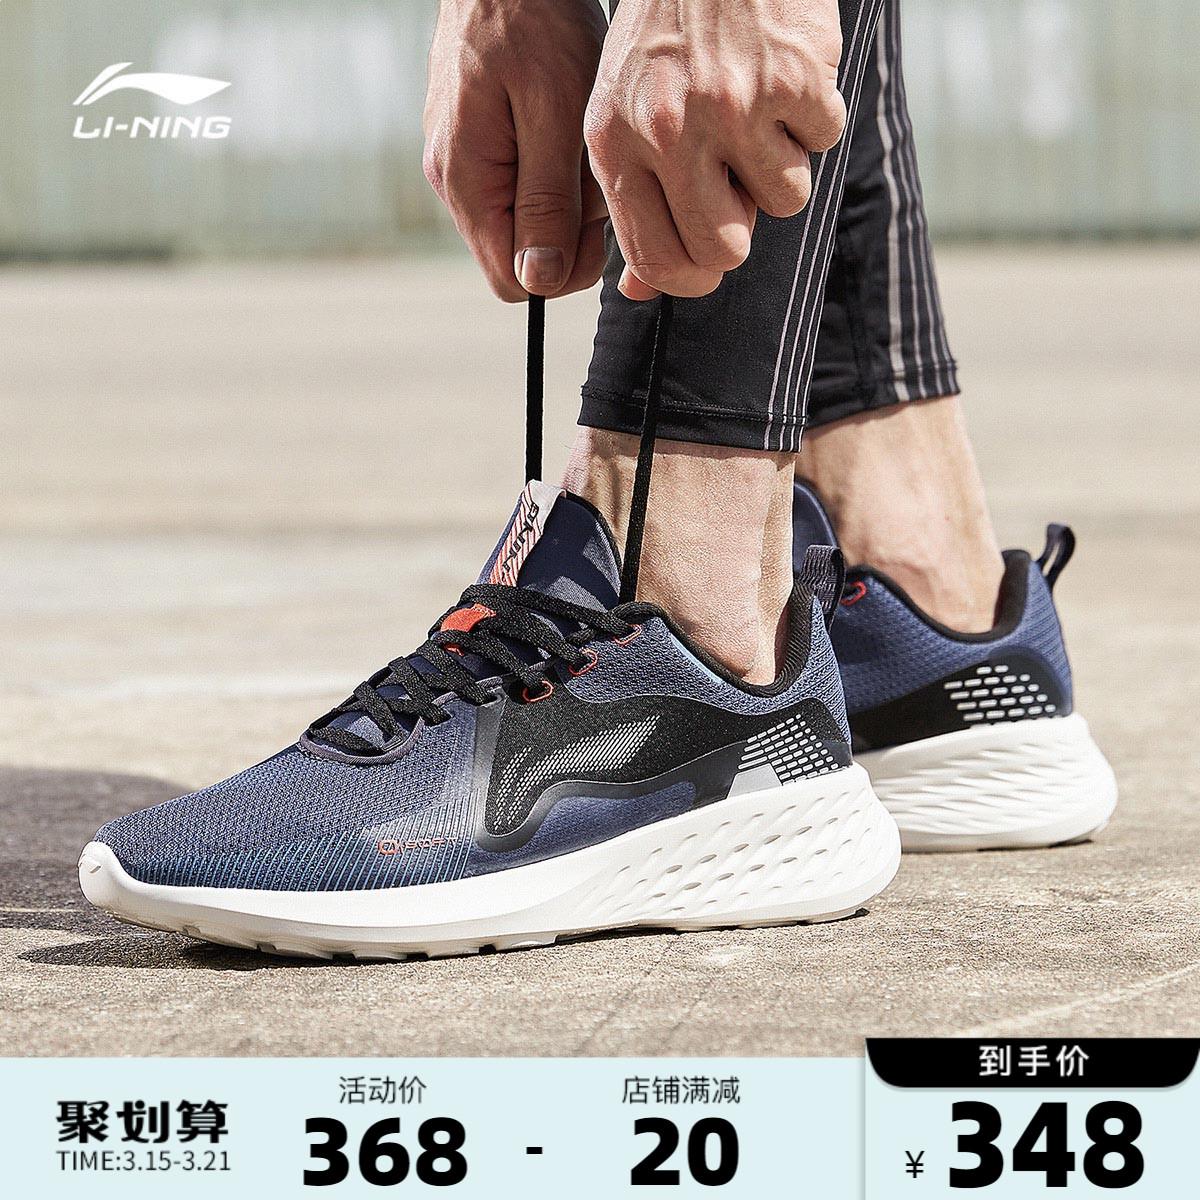 李宁跑步鞋男鞋2021旗舰SOFT ELEMENT男士鞋子网面减震跑鞋运动鞋